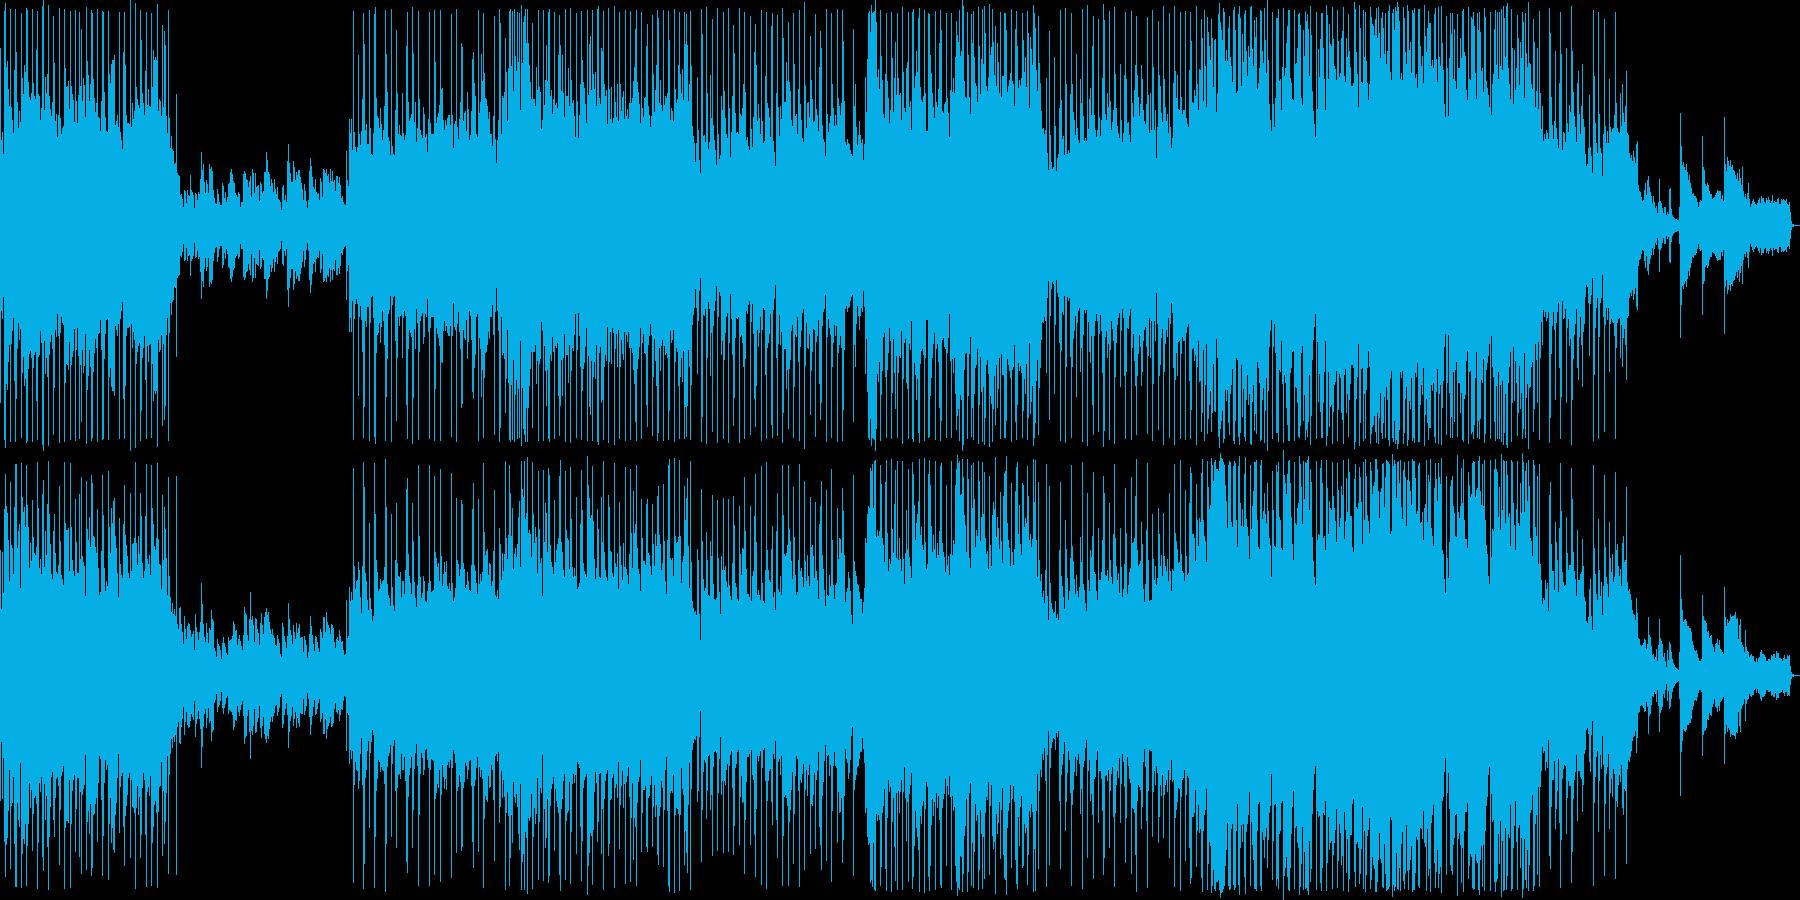 ハーモニカが印象的な哀愁的なバラードの再生済みの波形